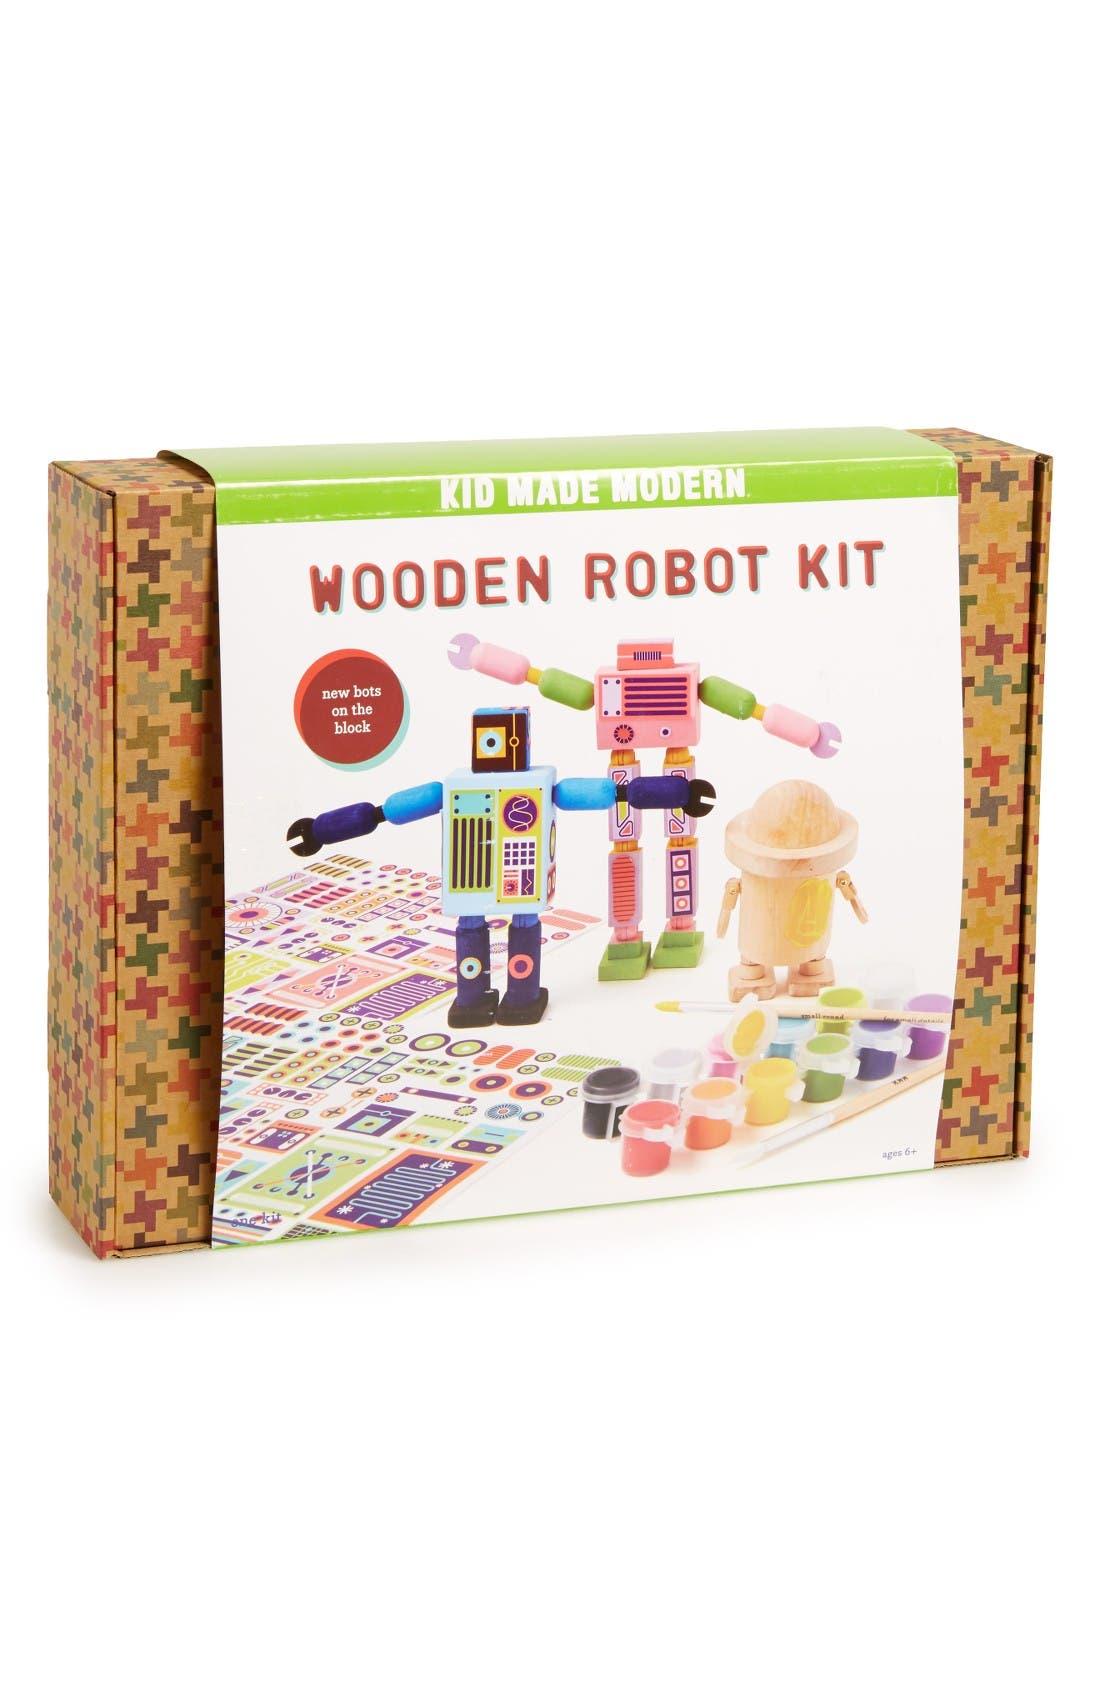 Main Image - Kid Made Modern Wooden Robot Kit